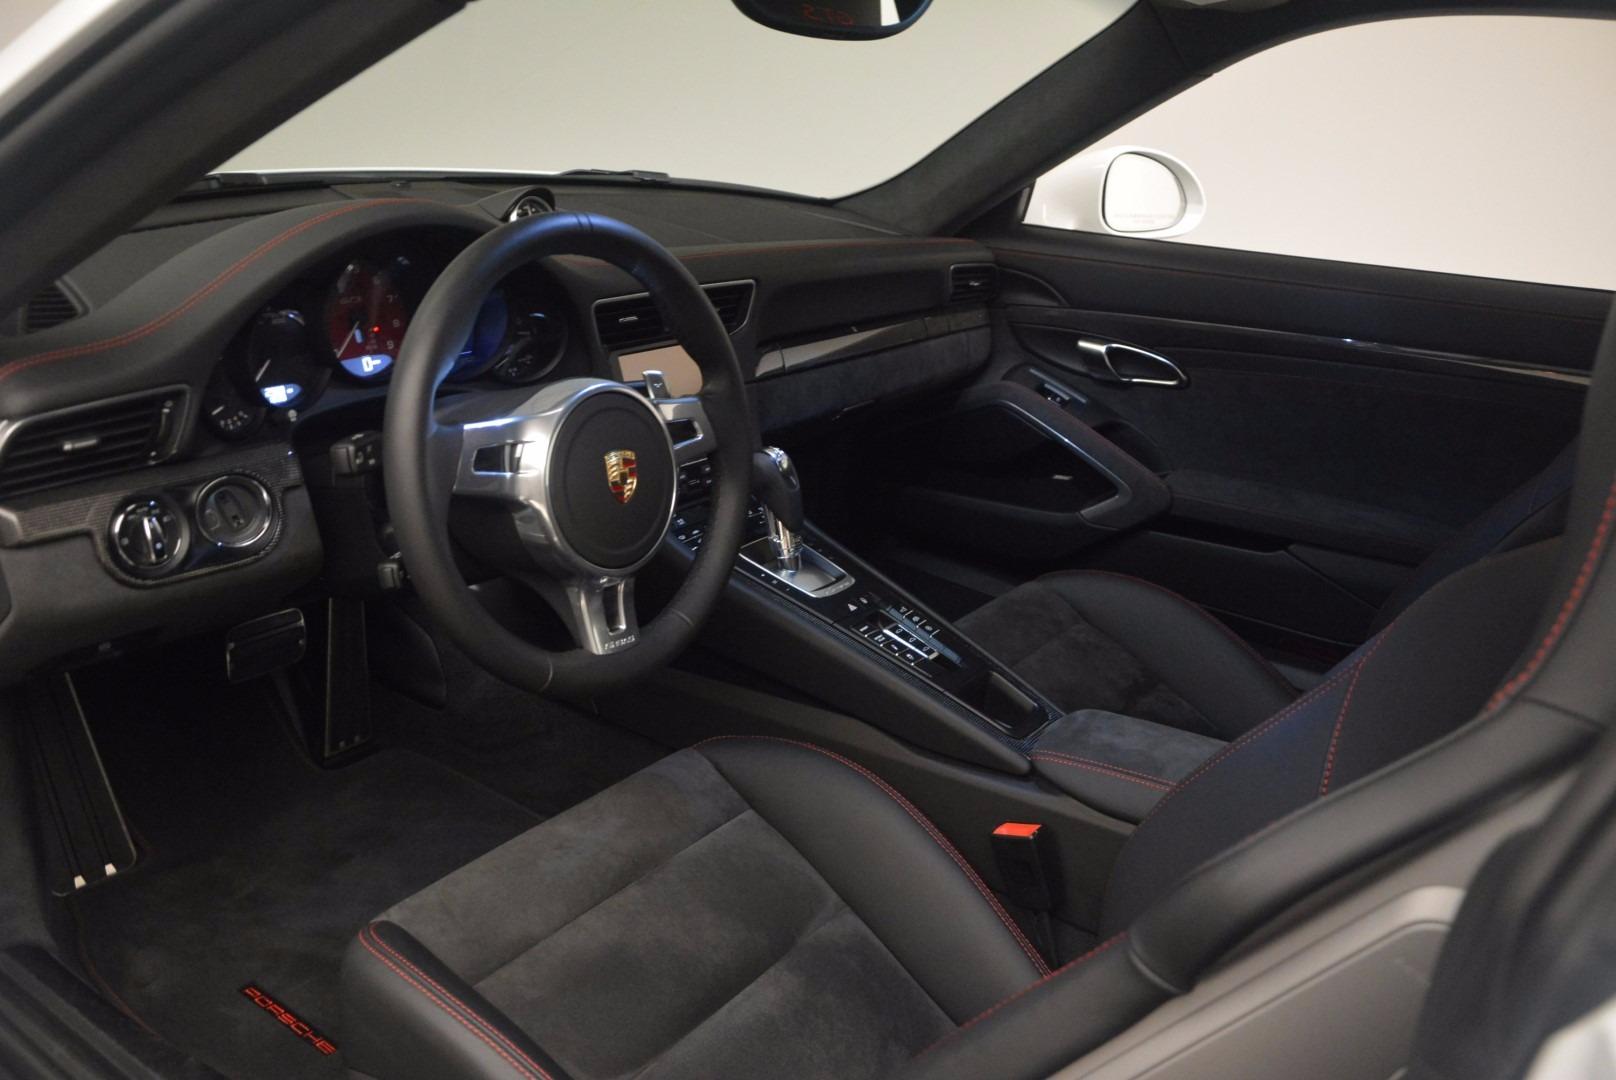 Used 2015 Porsche 911 Carrera GTS For Sale In Westport, CT 1444_p17